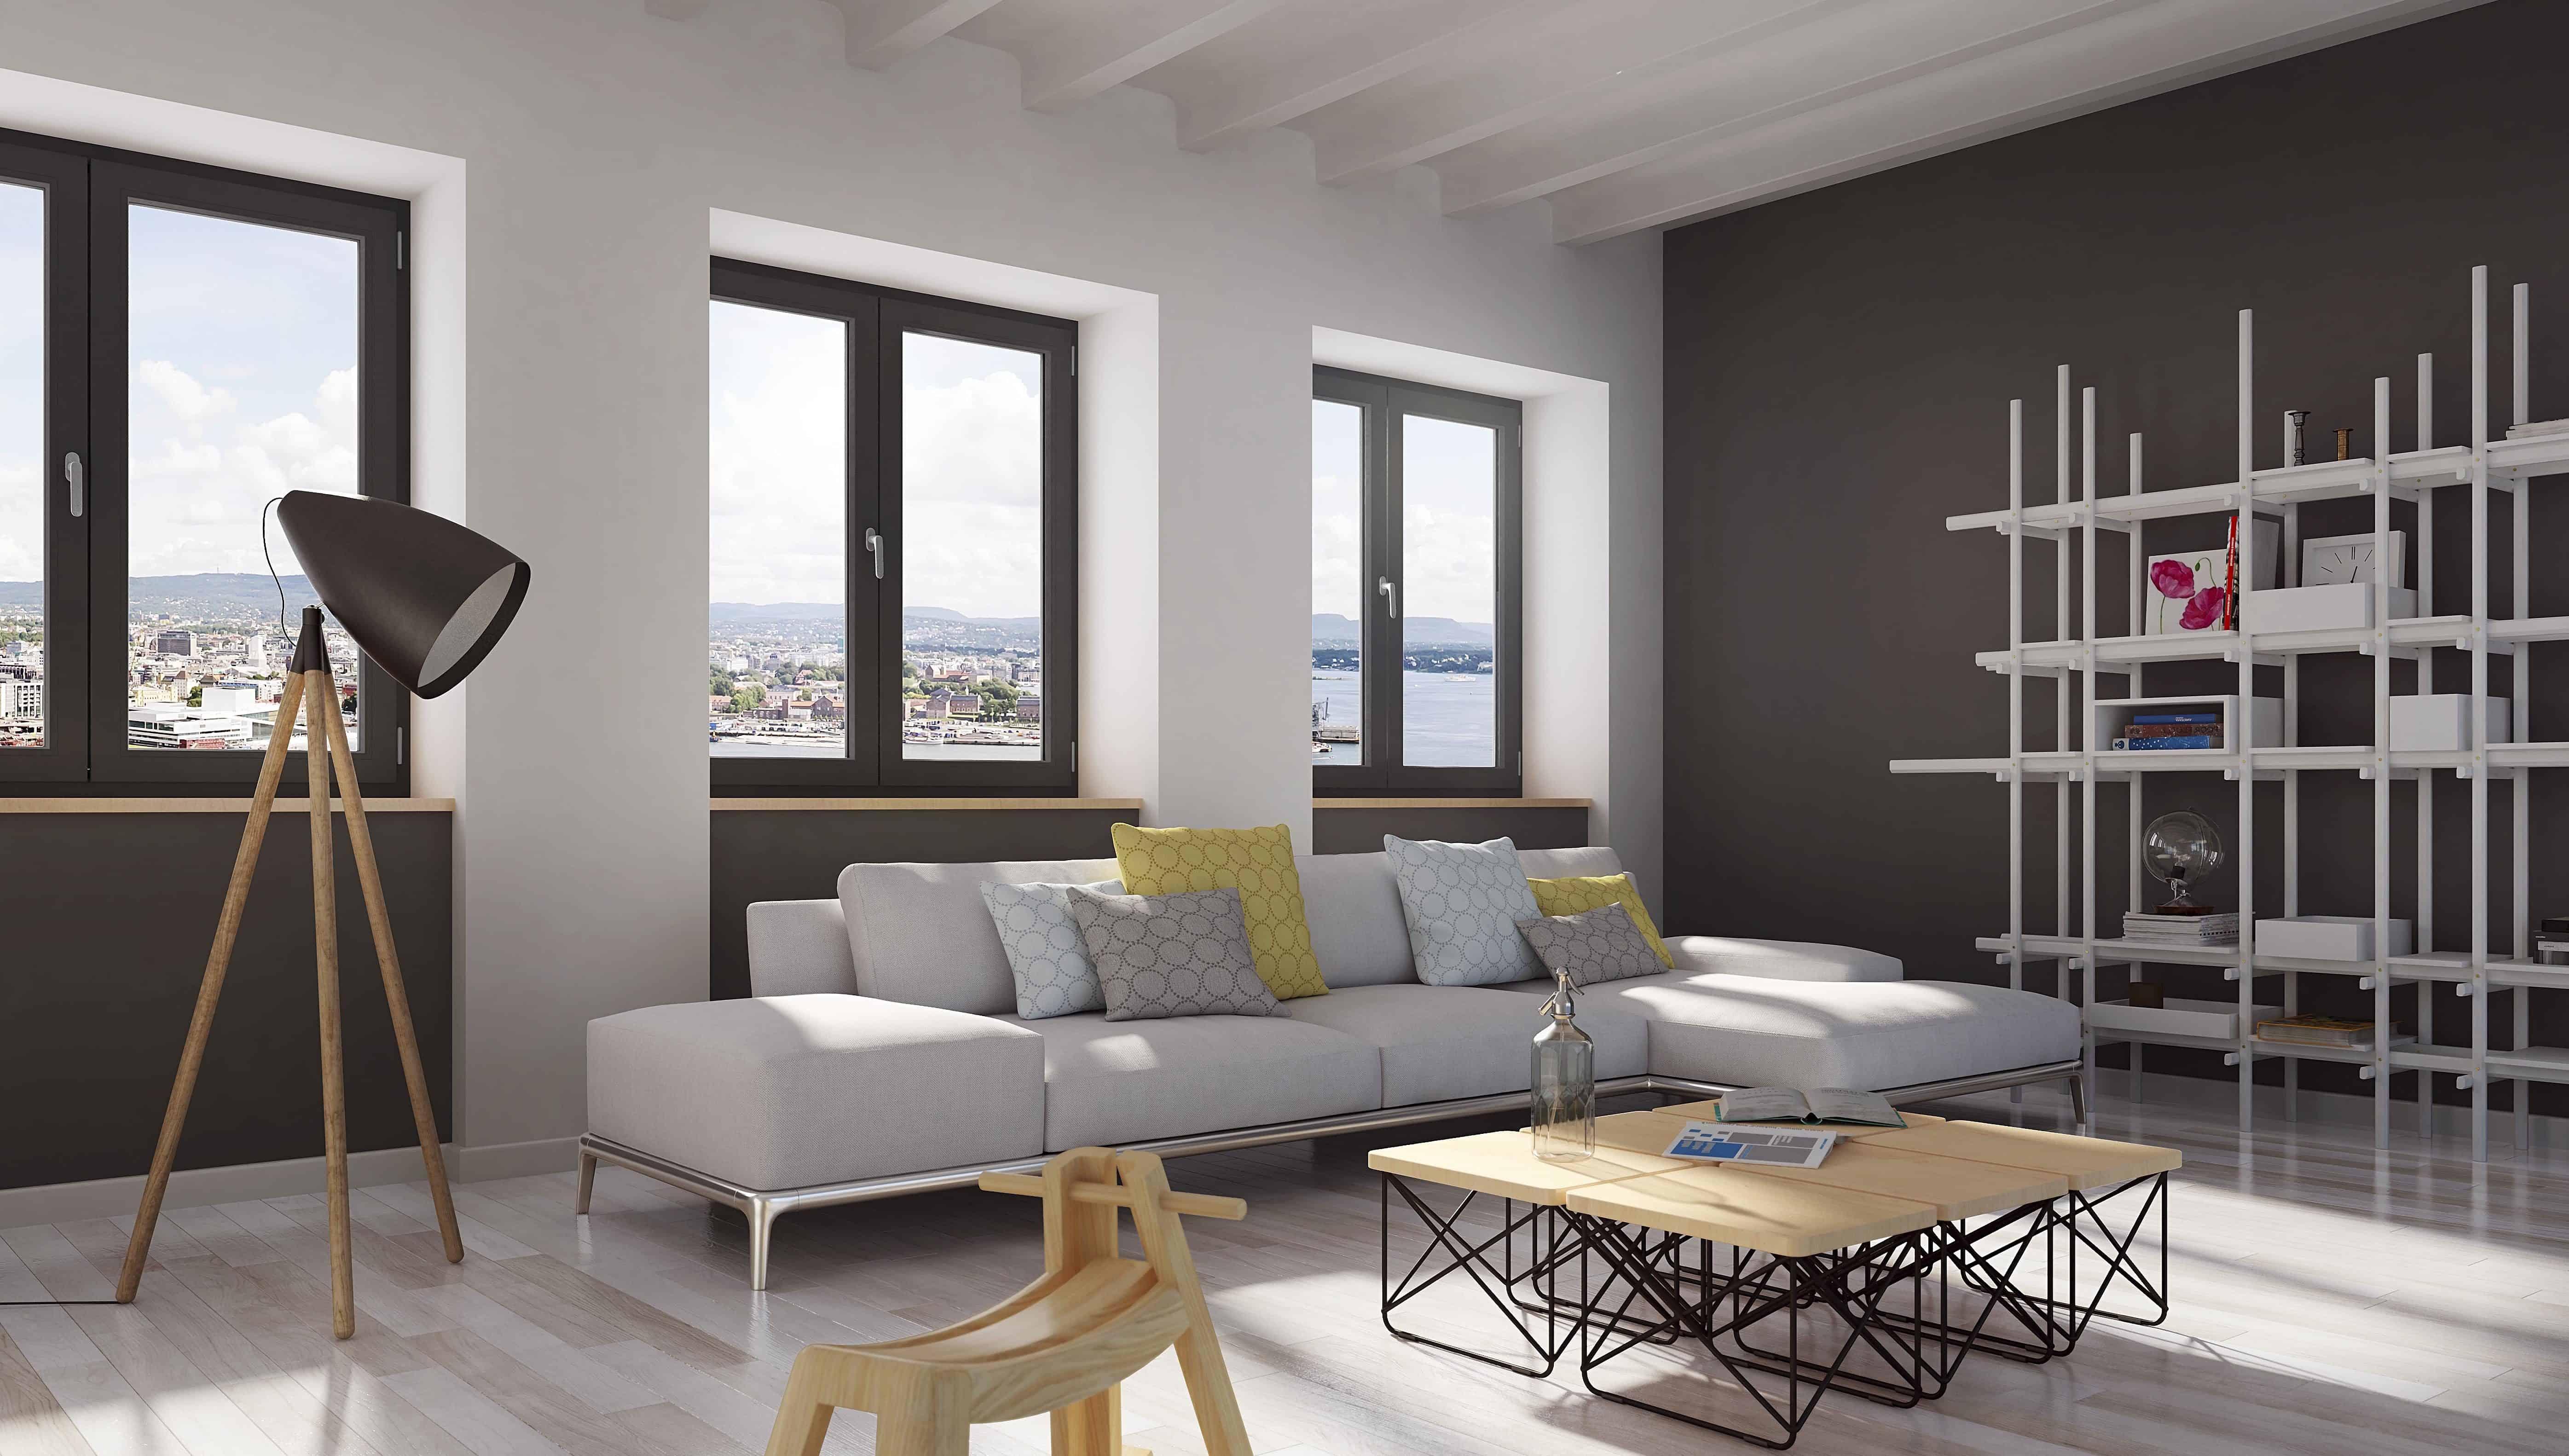 Finestre roma vendita finestre su misura in legno e alluminio - Prezzi finestre pvc roma ...